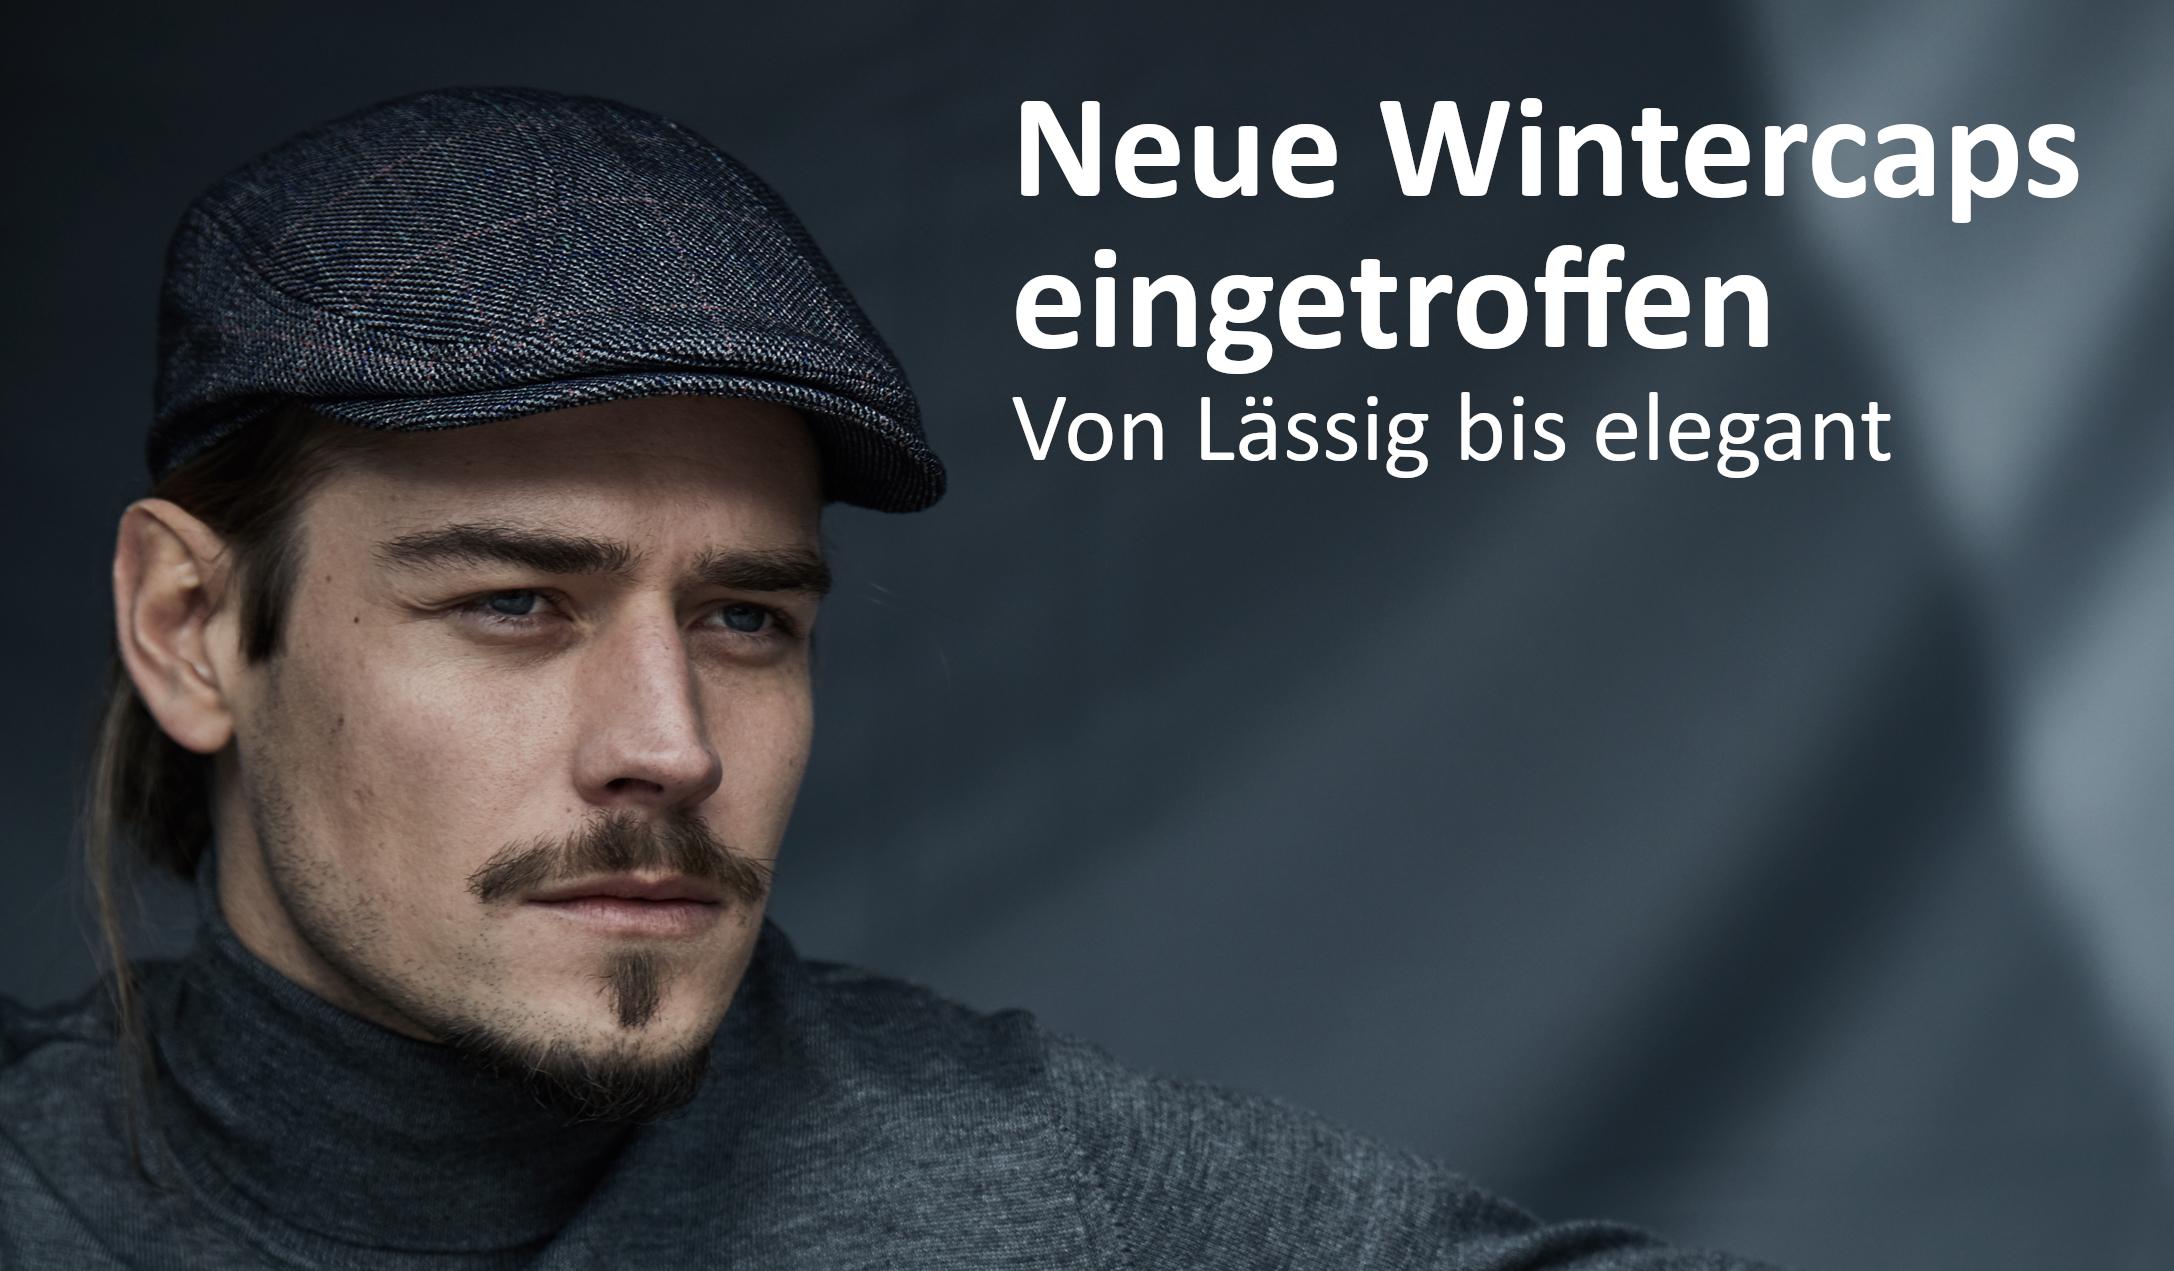 Wintercaps